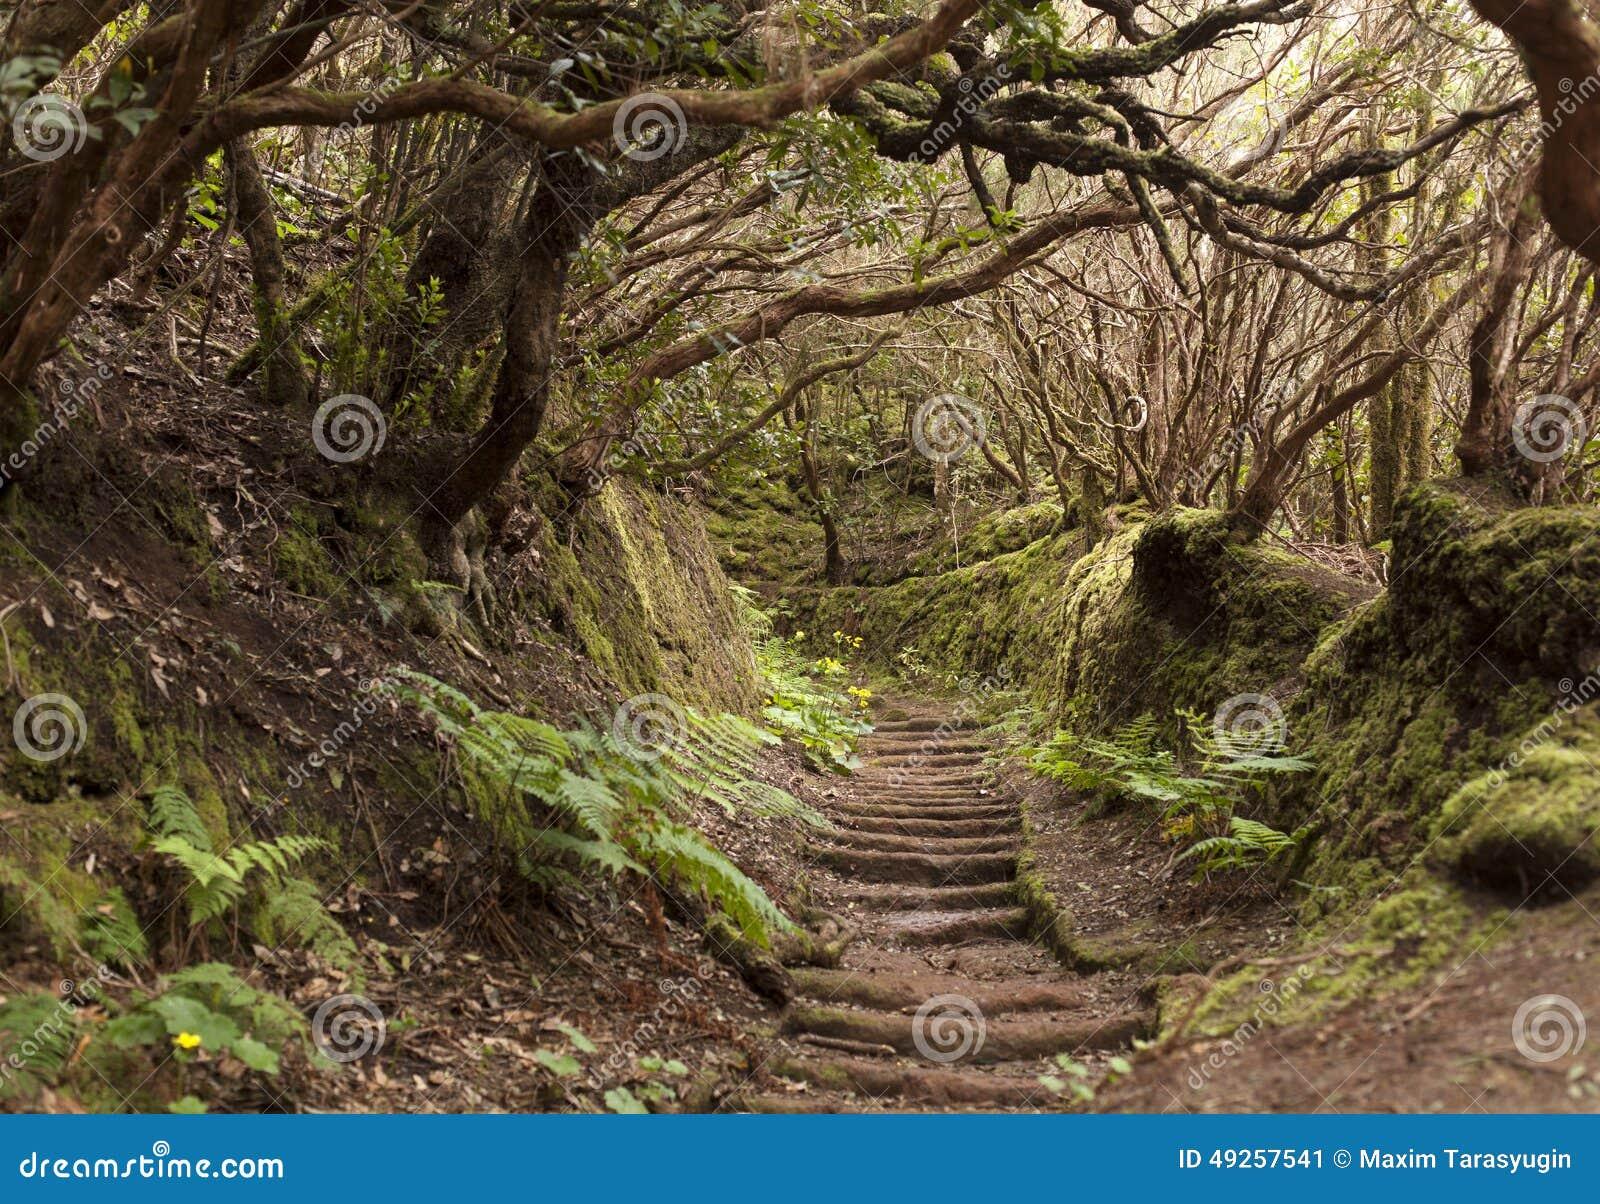 Anaga-Regen Wald in Teneriffa